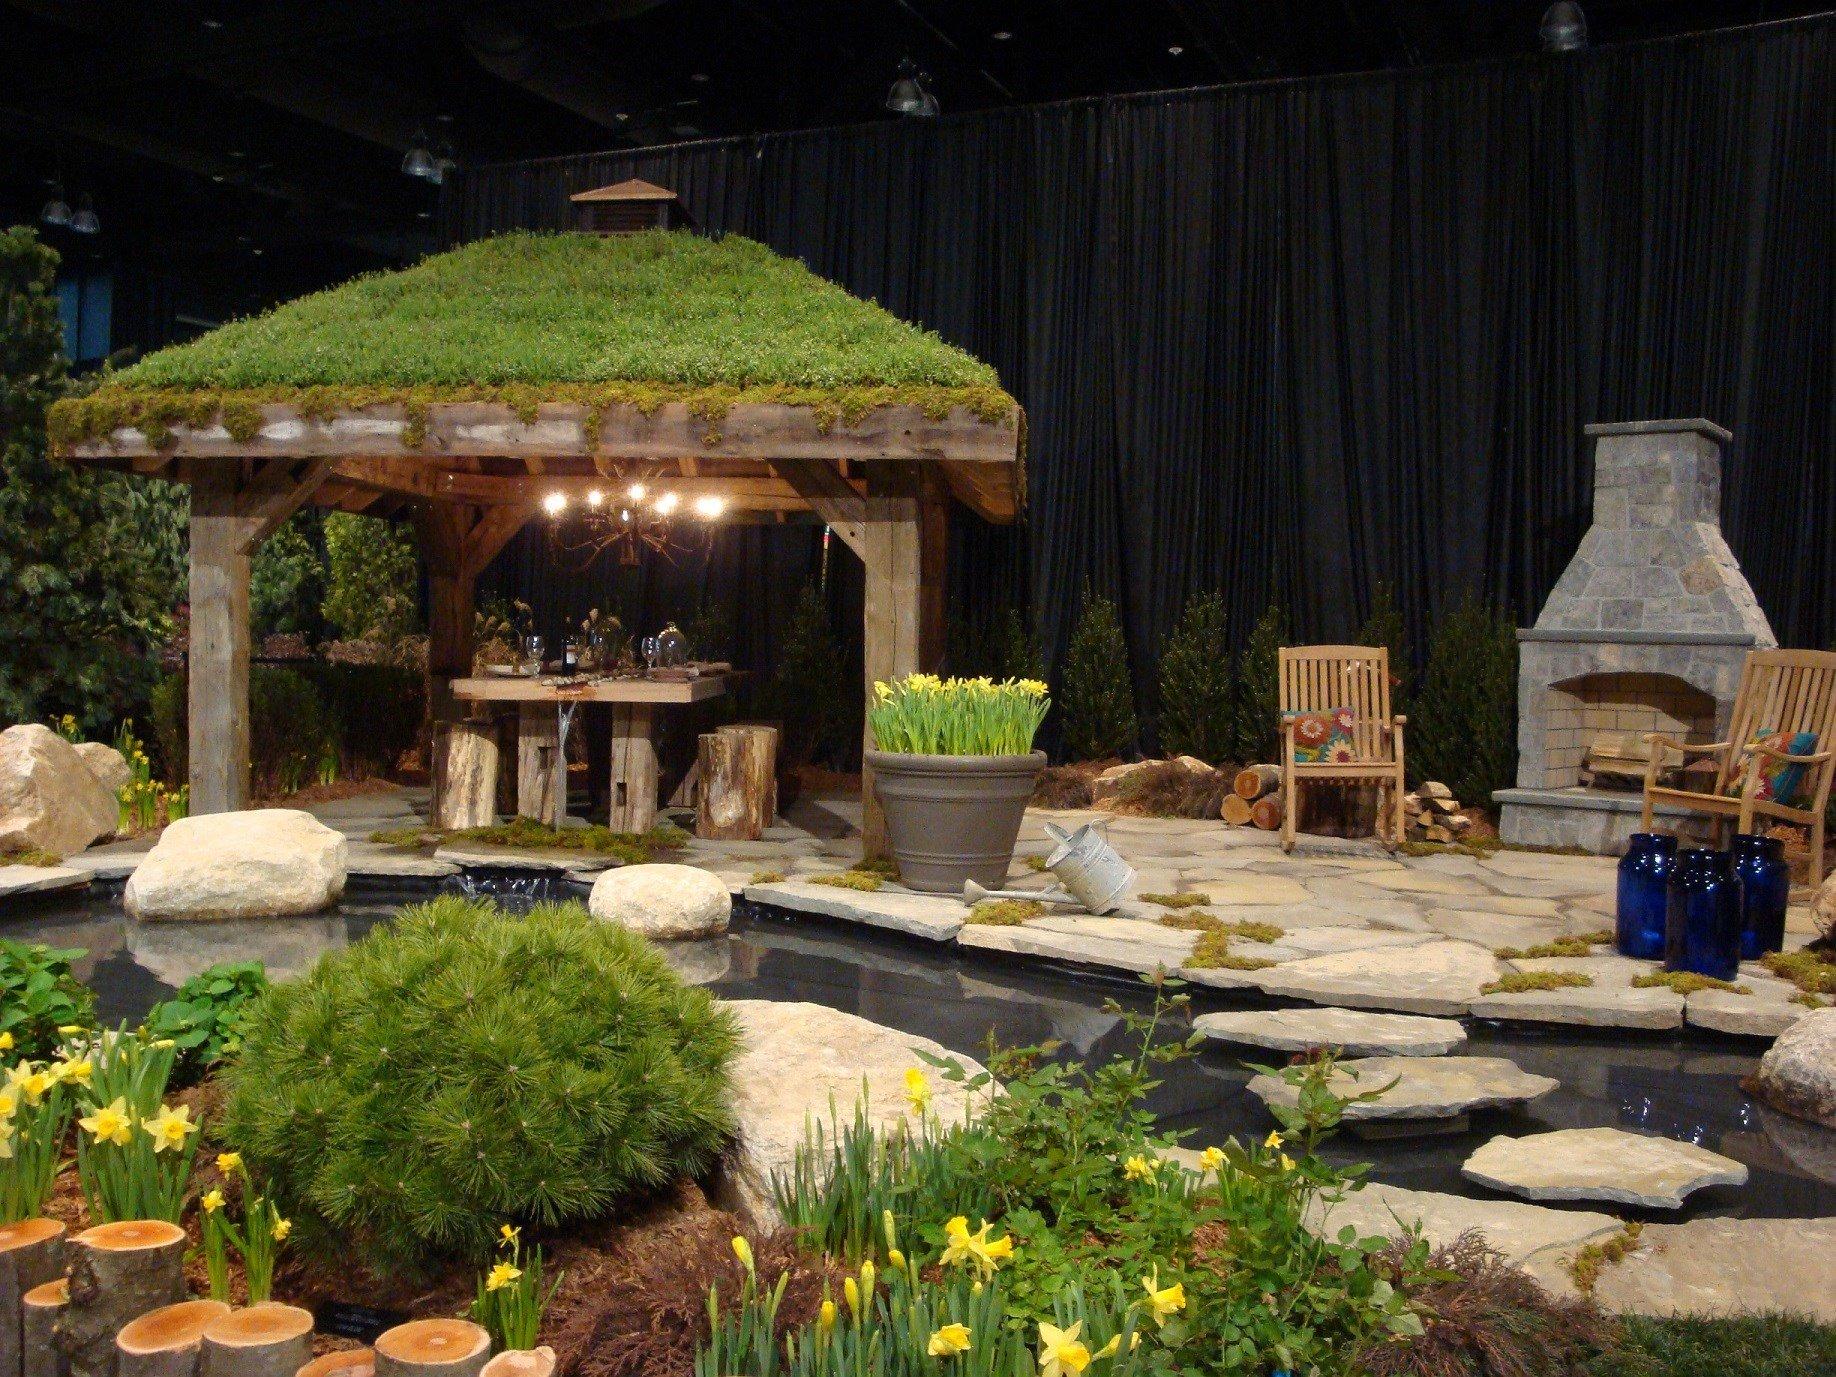 Flower and Garden show kicks off Feb. 18 (WFSB)